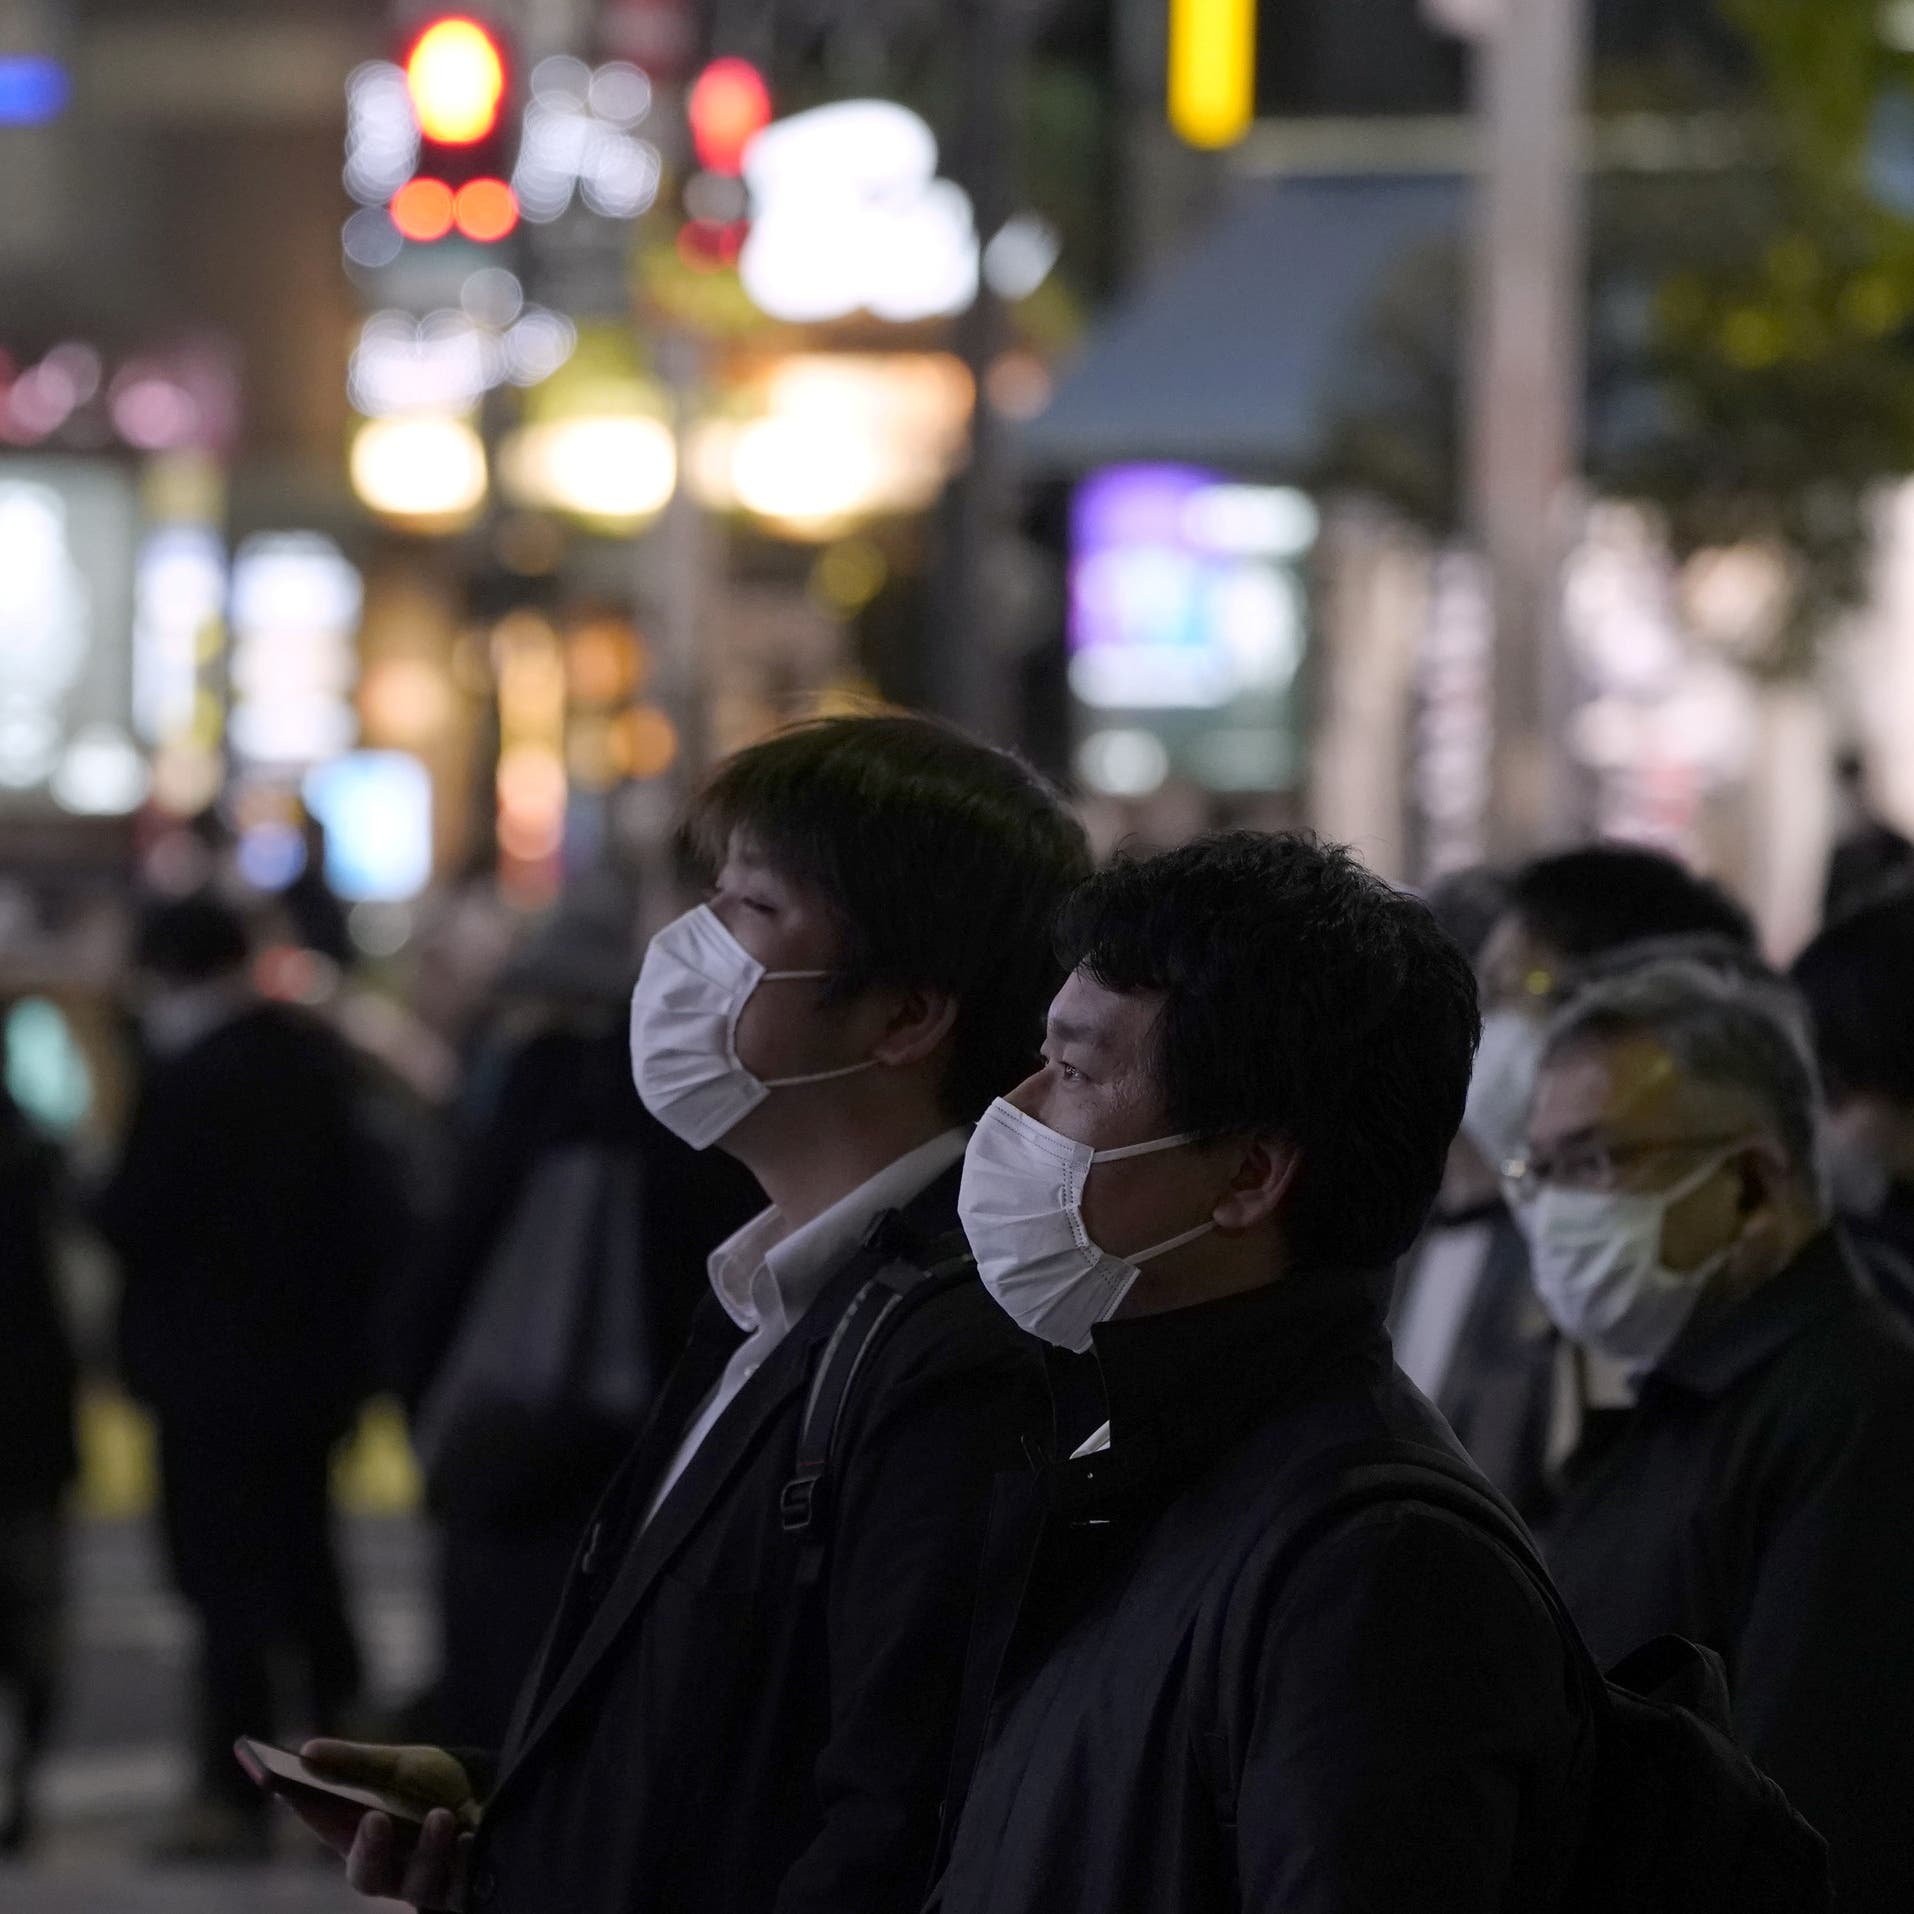 اليابان تتوقع انكماشاً بـ 5.6% في العام المالي 2020